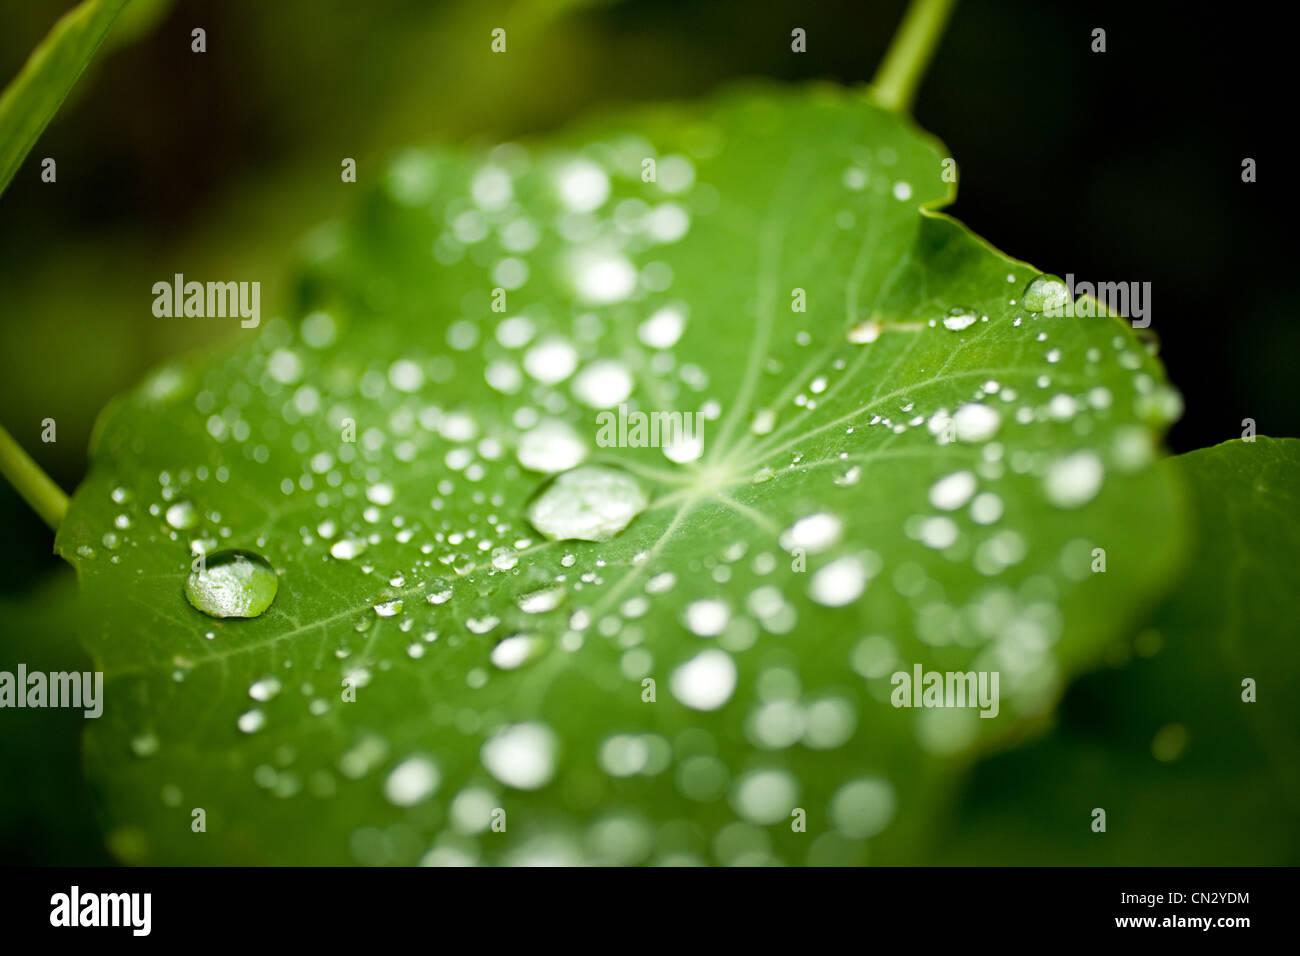 Las gotas de agua en la hoja Imagen De Stock